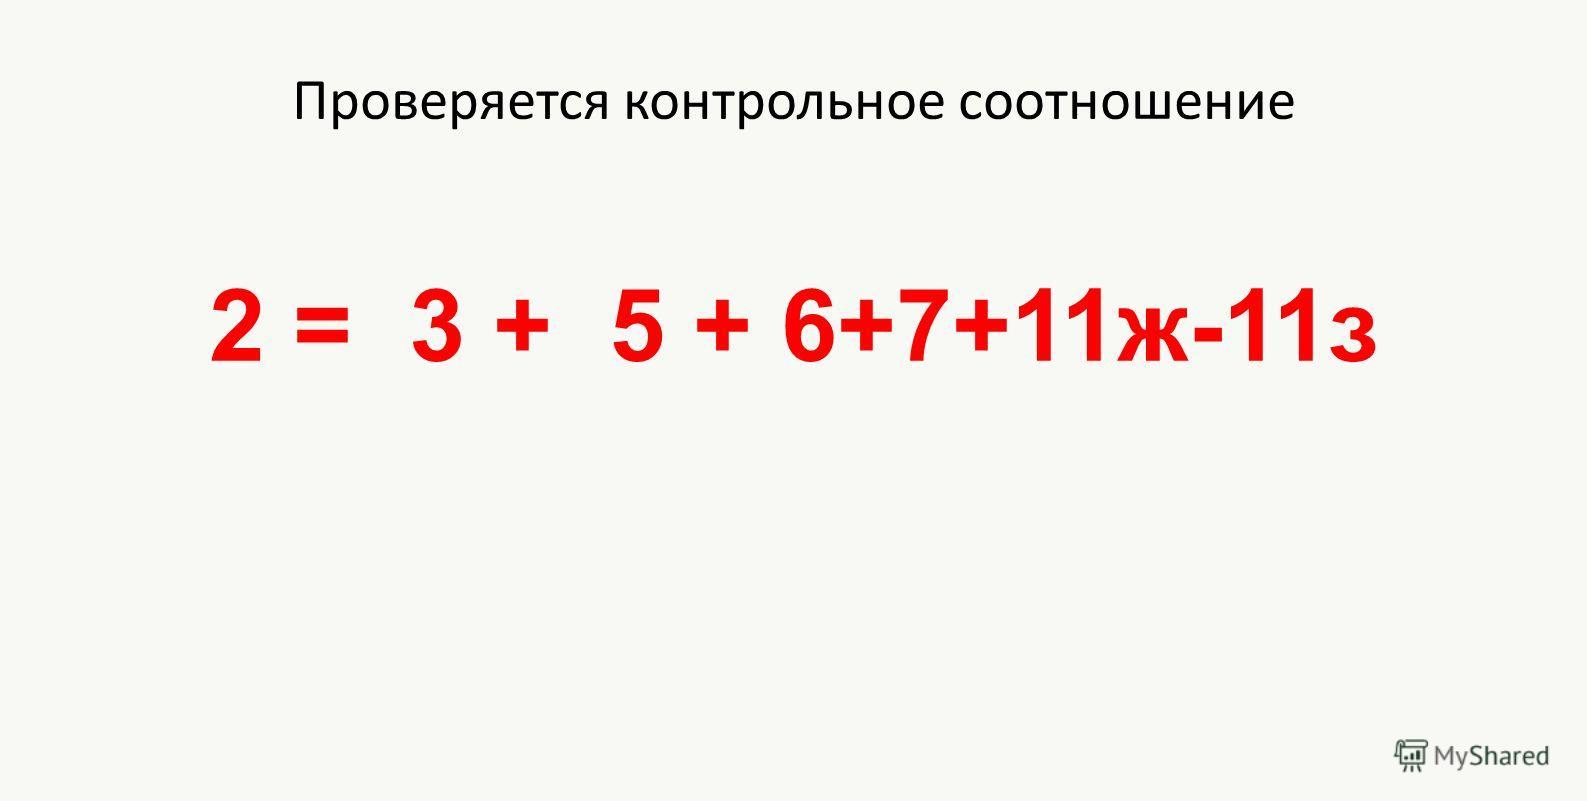 Проверяется контрольное соотношение 2 = 3 + 5 + 6+7+11ж-11з